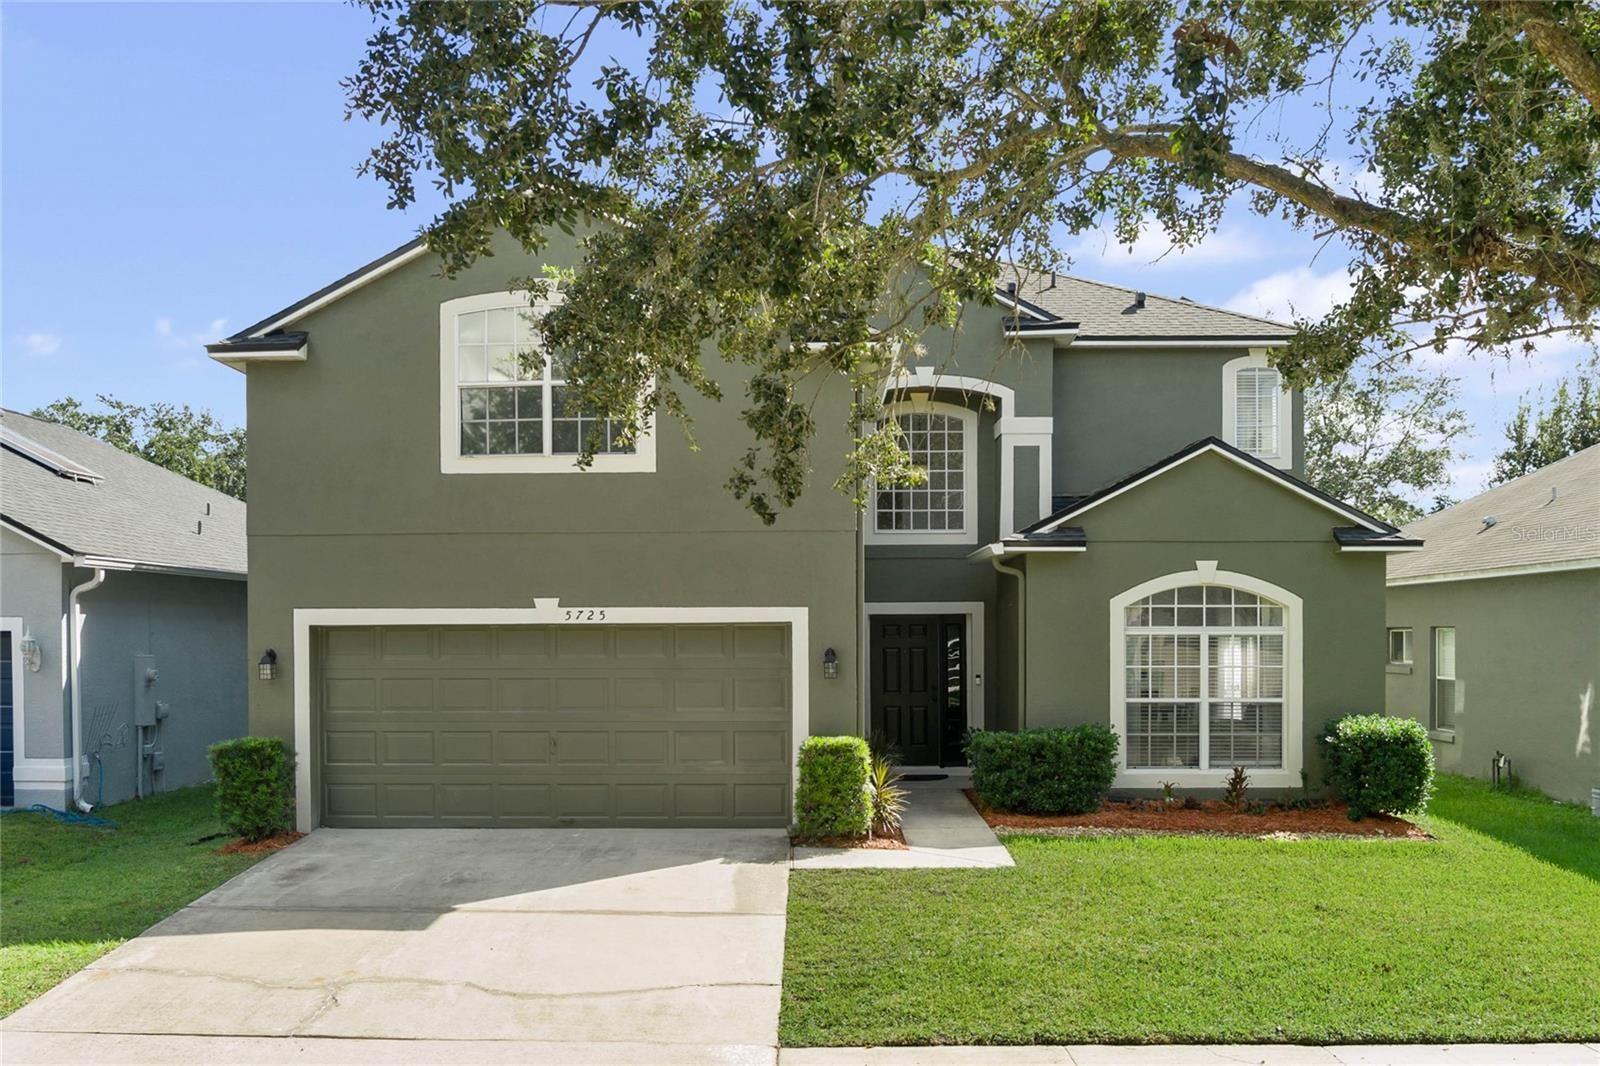 5725 STAFFORD SPRINGS TRAIL, Orlando, FL 32829 - #: O5979202